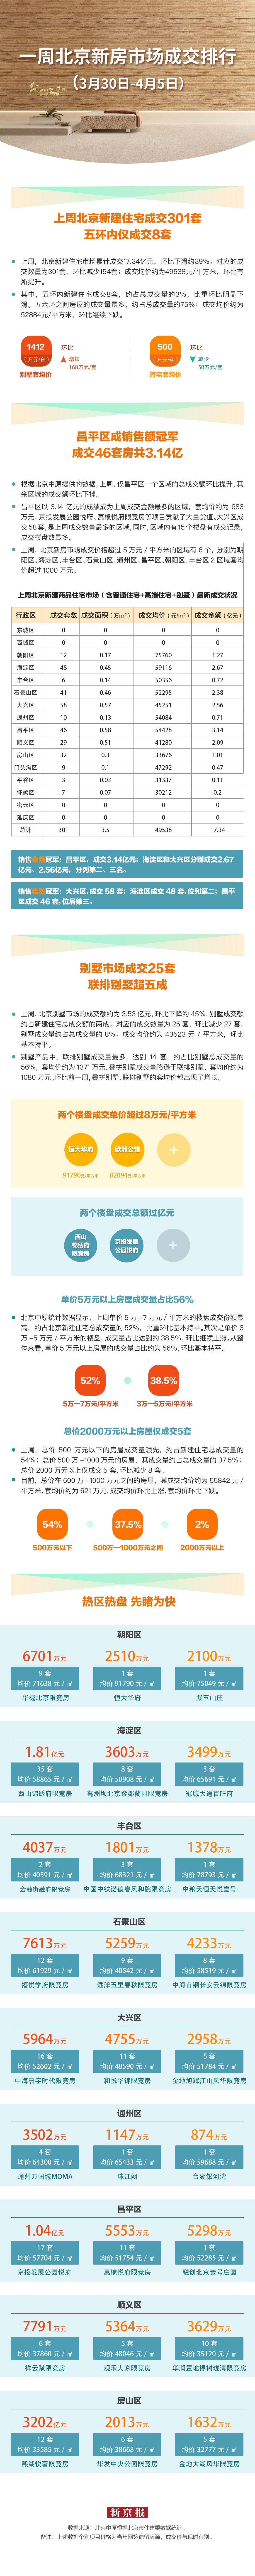 蓝冠官网:周北京新建住宅成蓝冠官网交回落仅两个图片